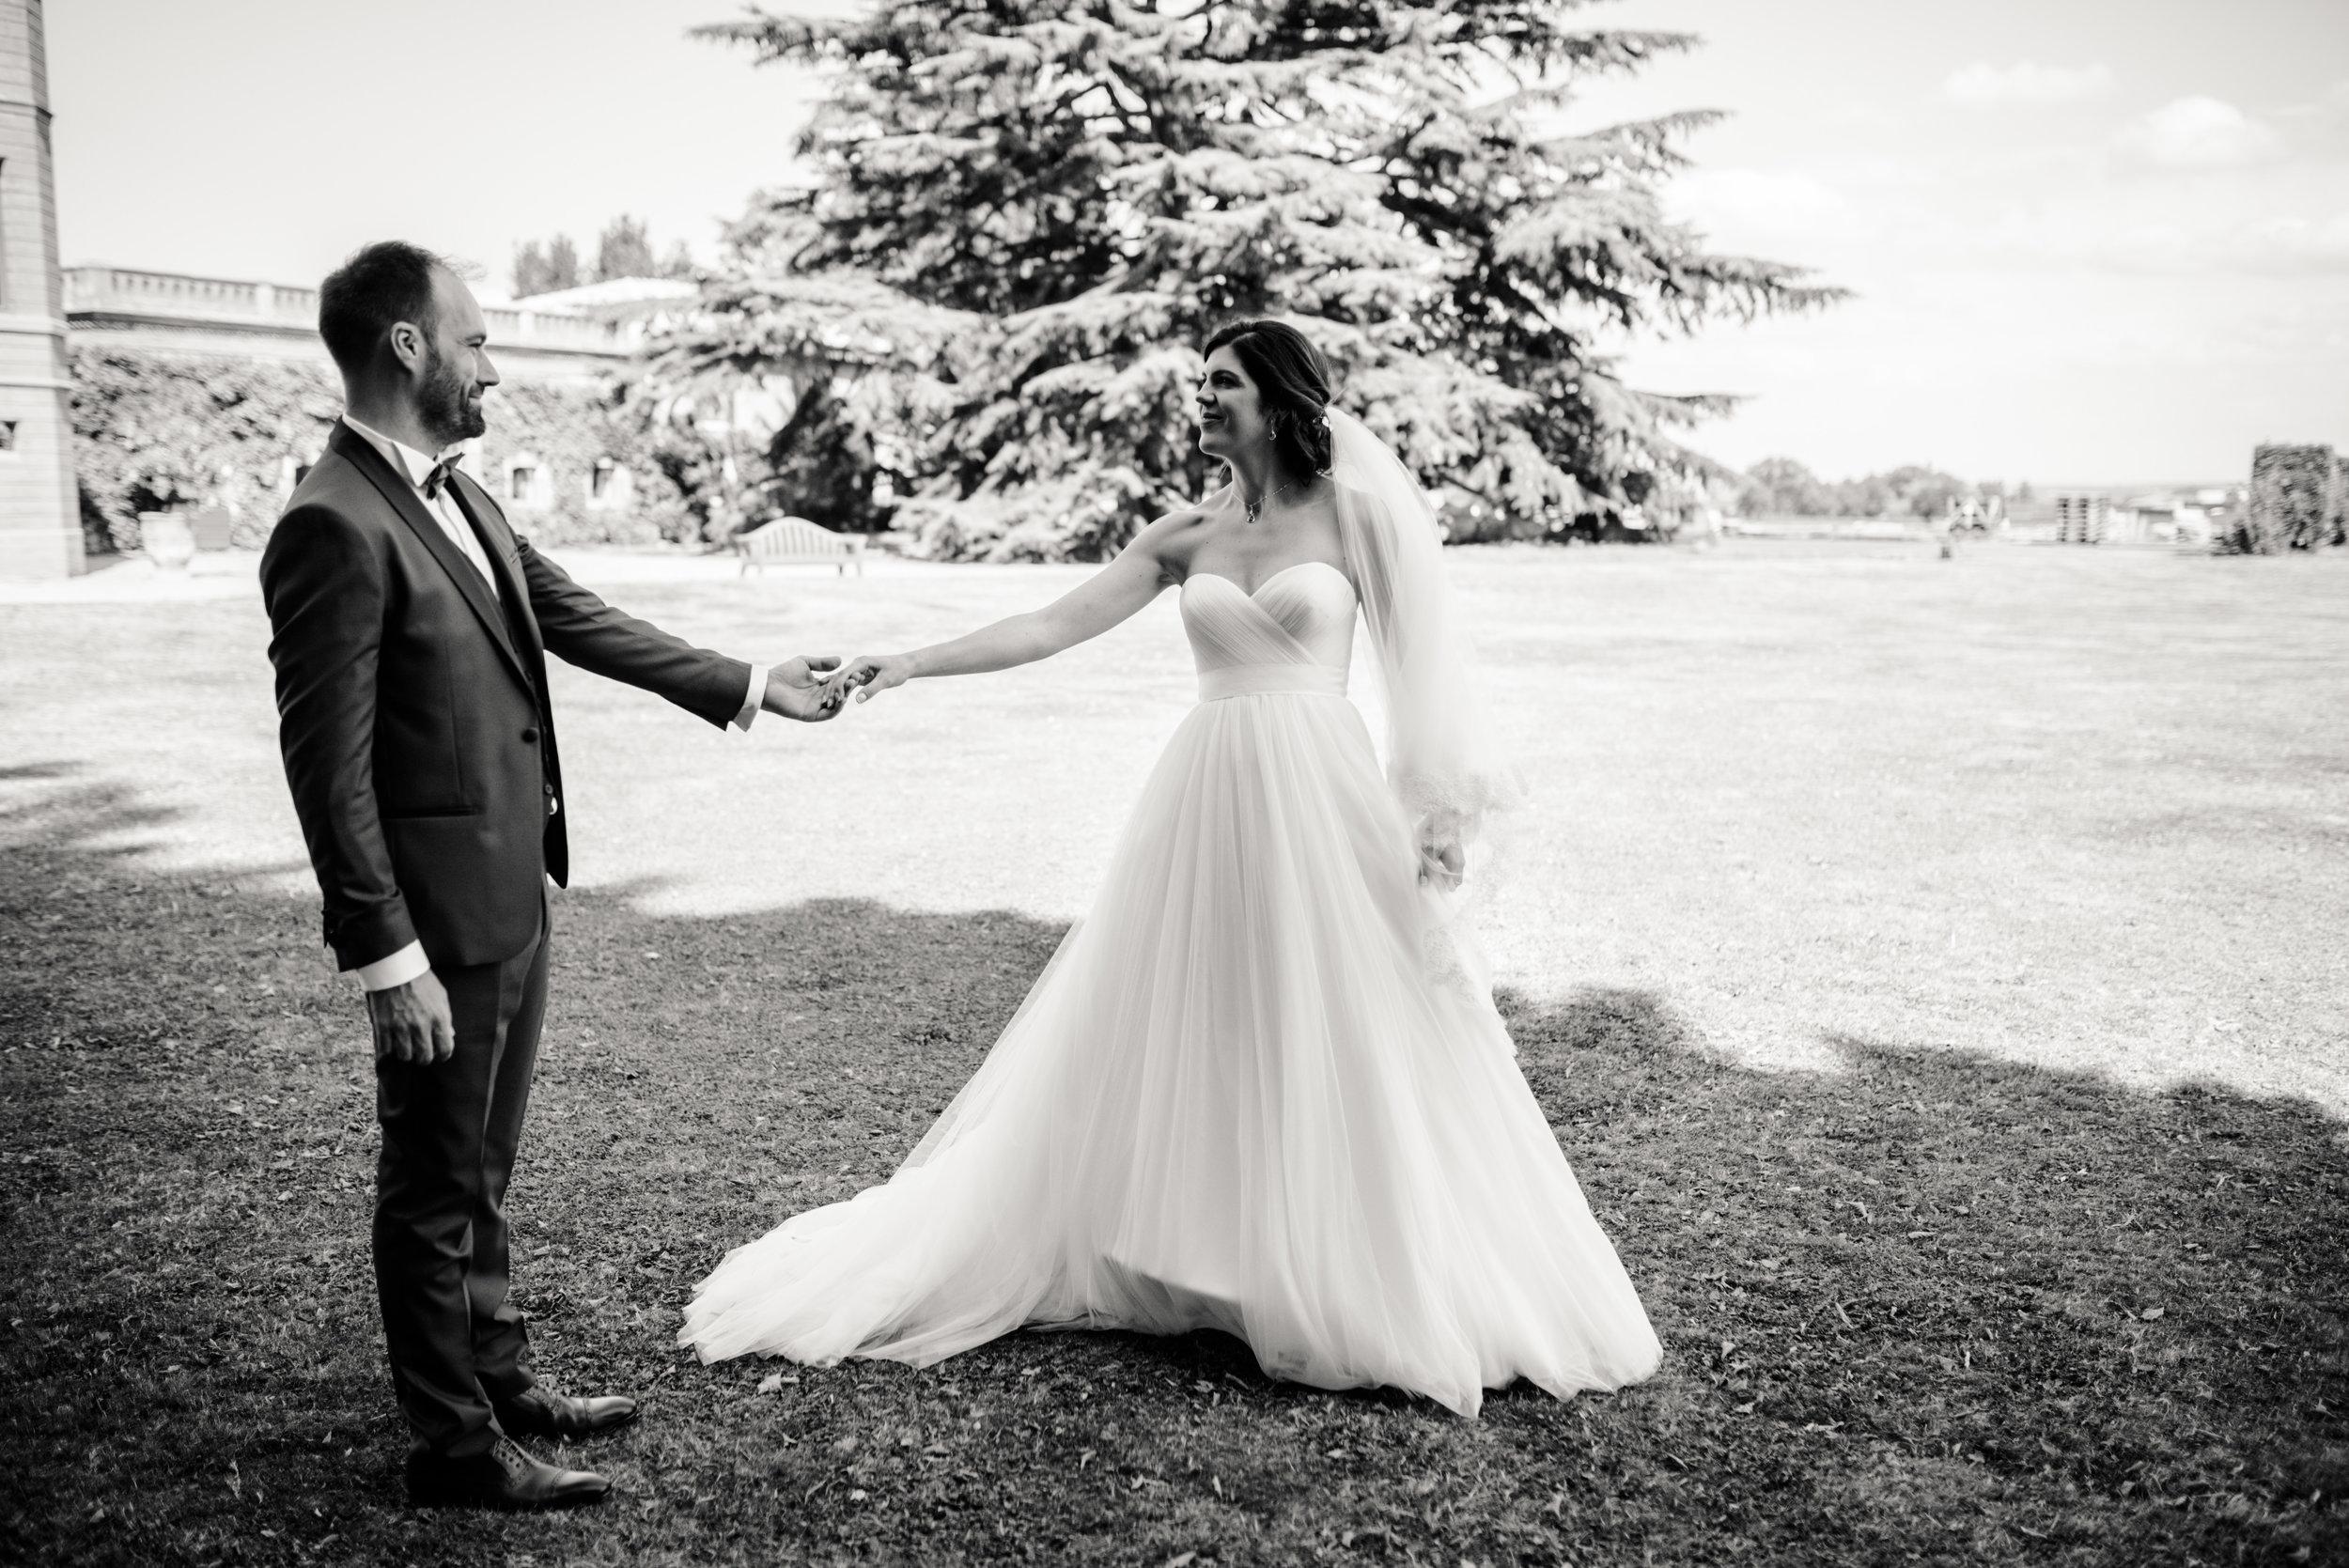 Léa-Fery-photographe-professionnel-lyon-rhone-alpes-portrait-creation-mariage-evenement-evenementiel-famille-7809.jpg